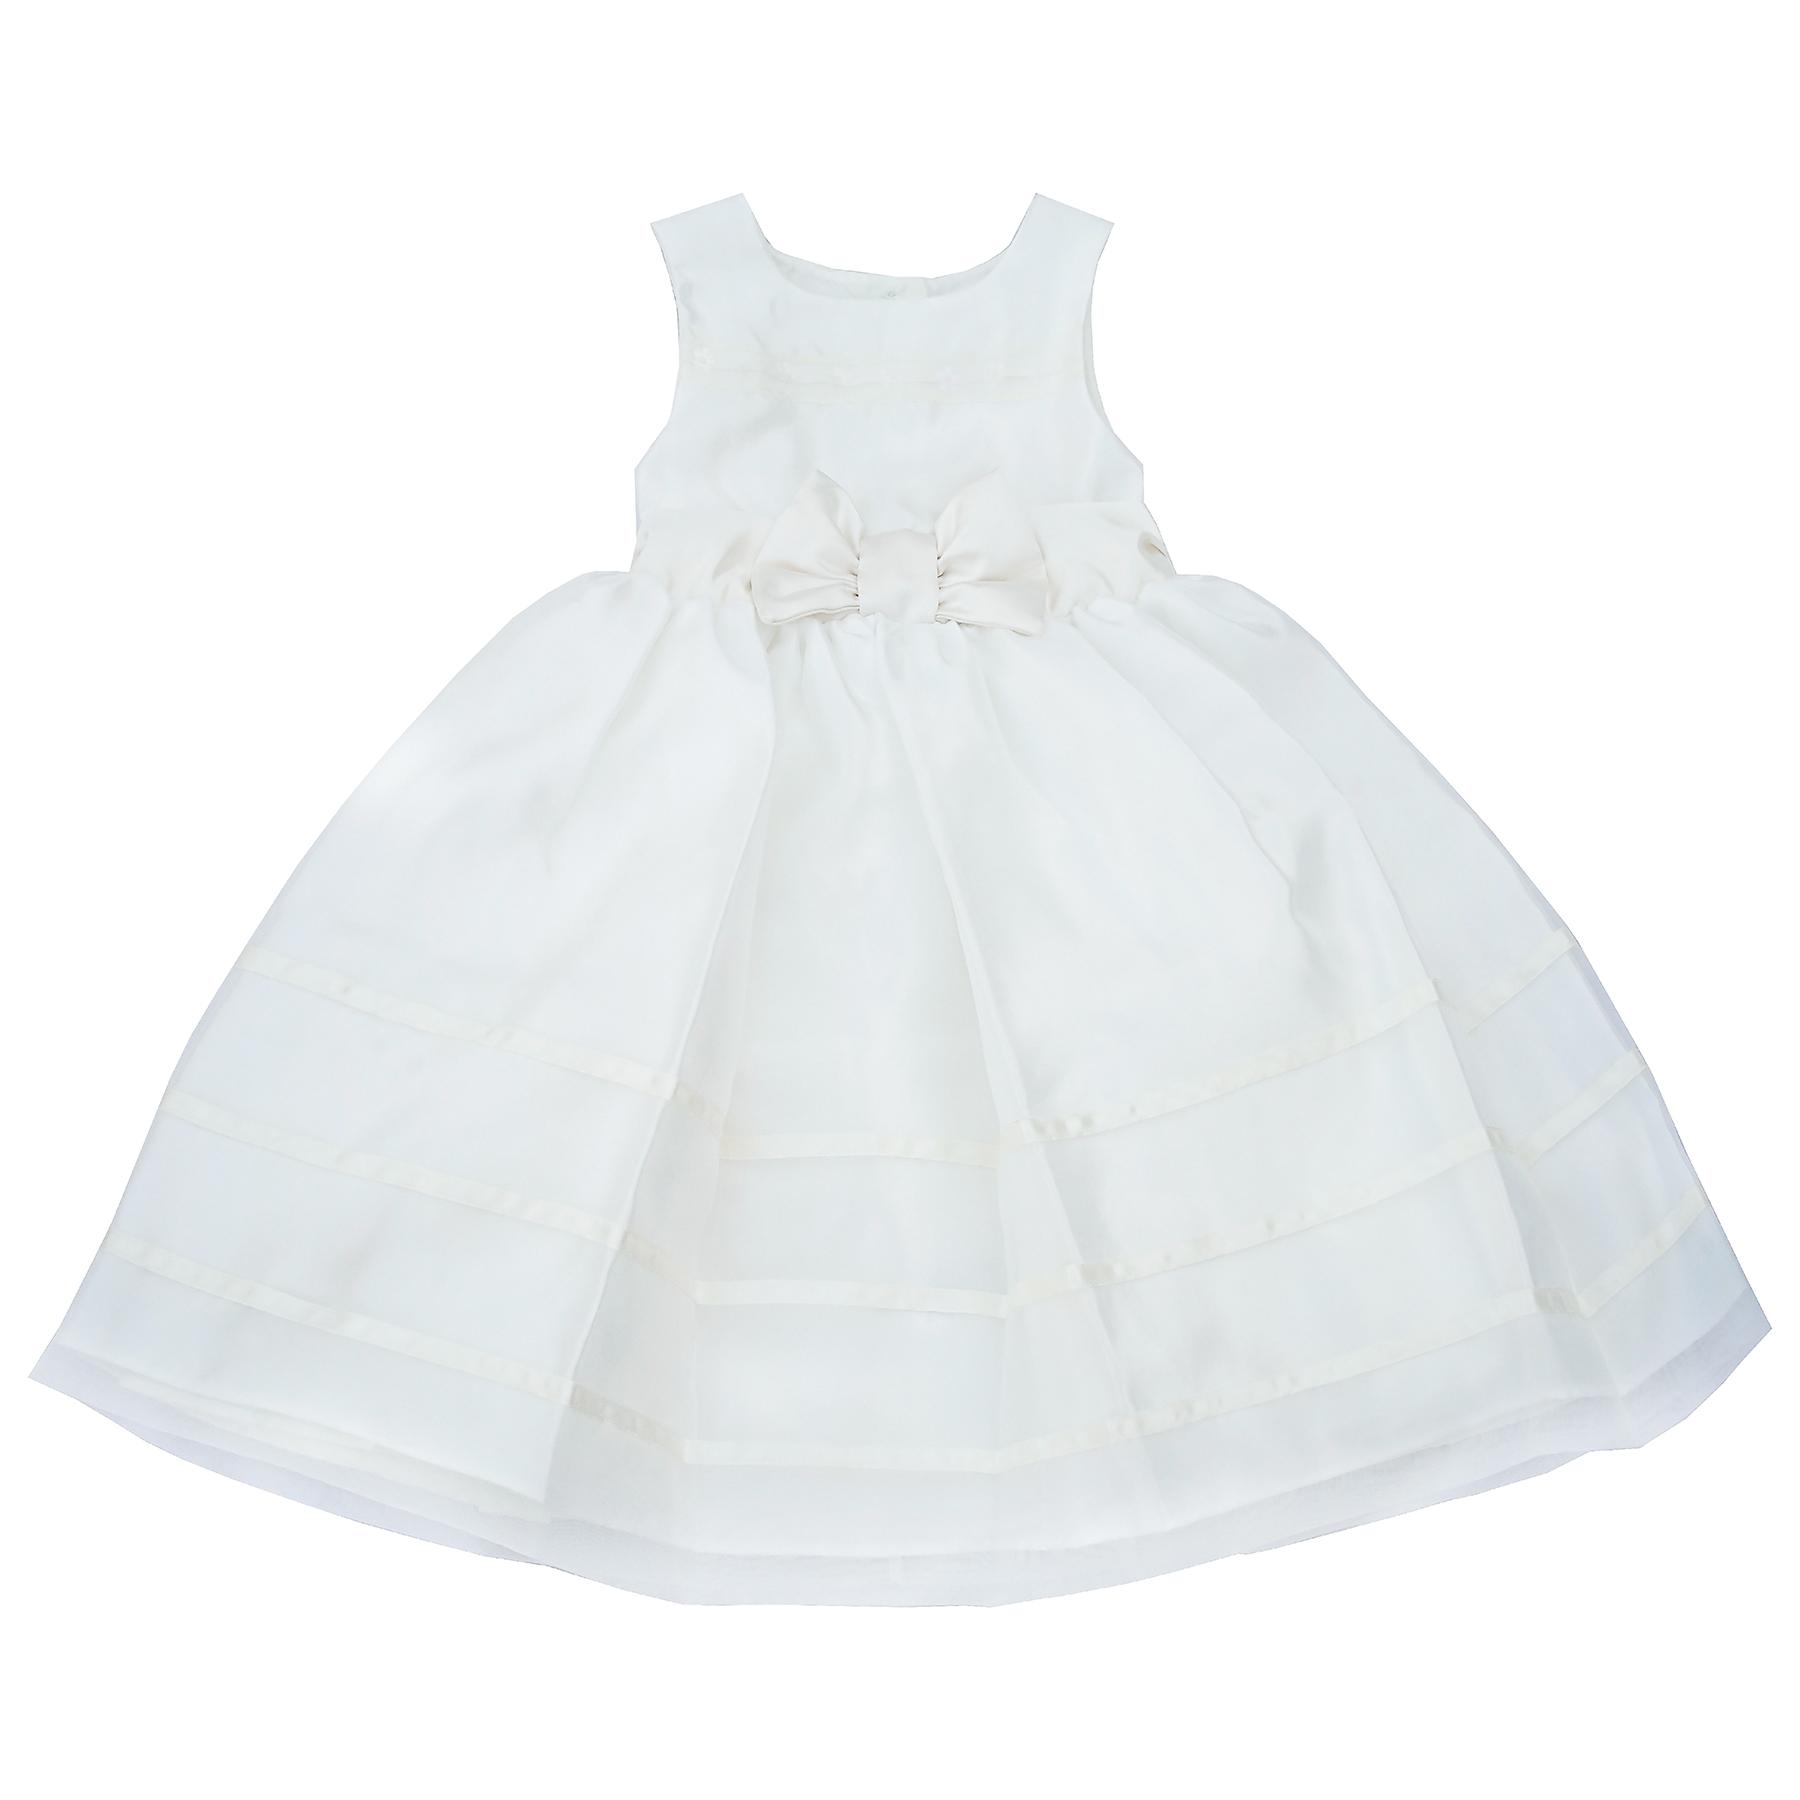 Mothercare Luxusní dětské dívčí šaty na svatbu a křtiny Velikost: 128